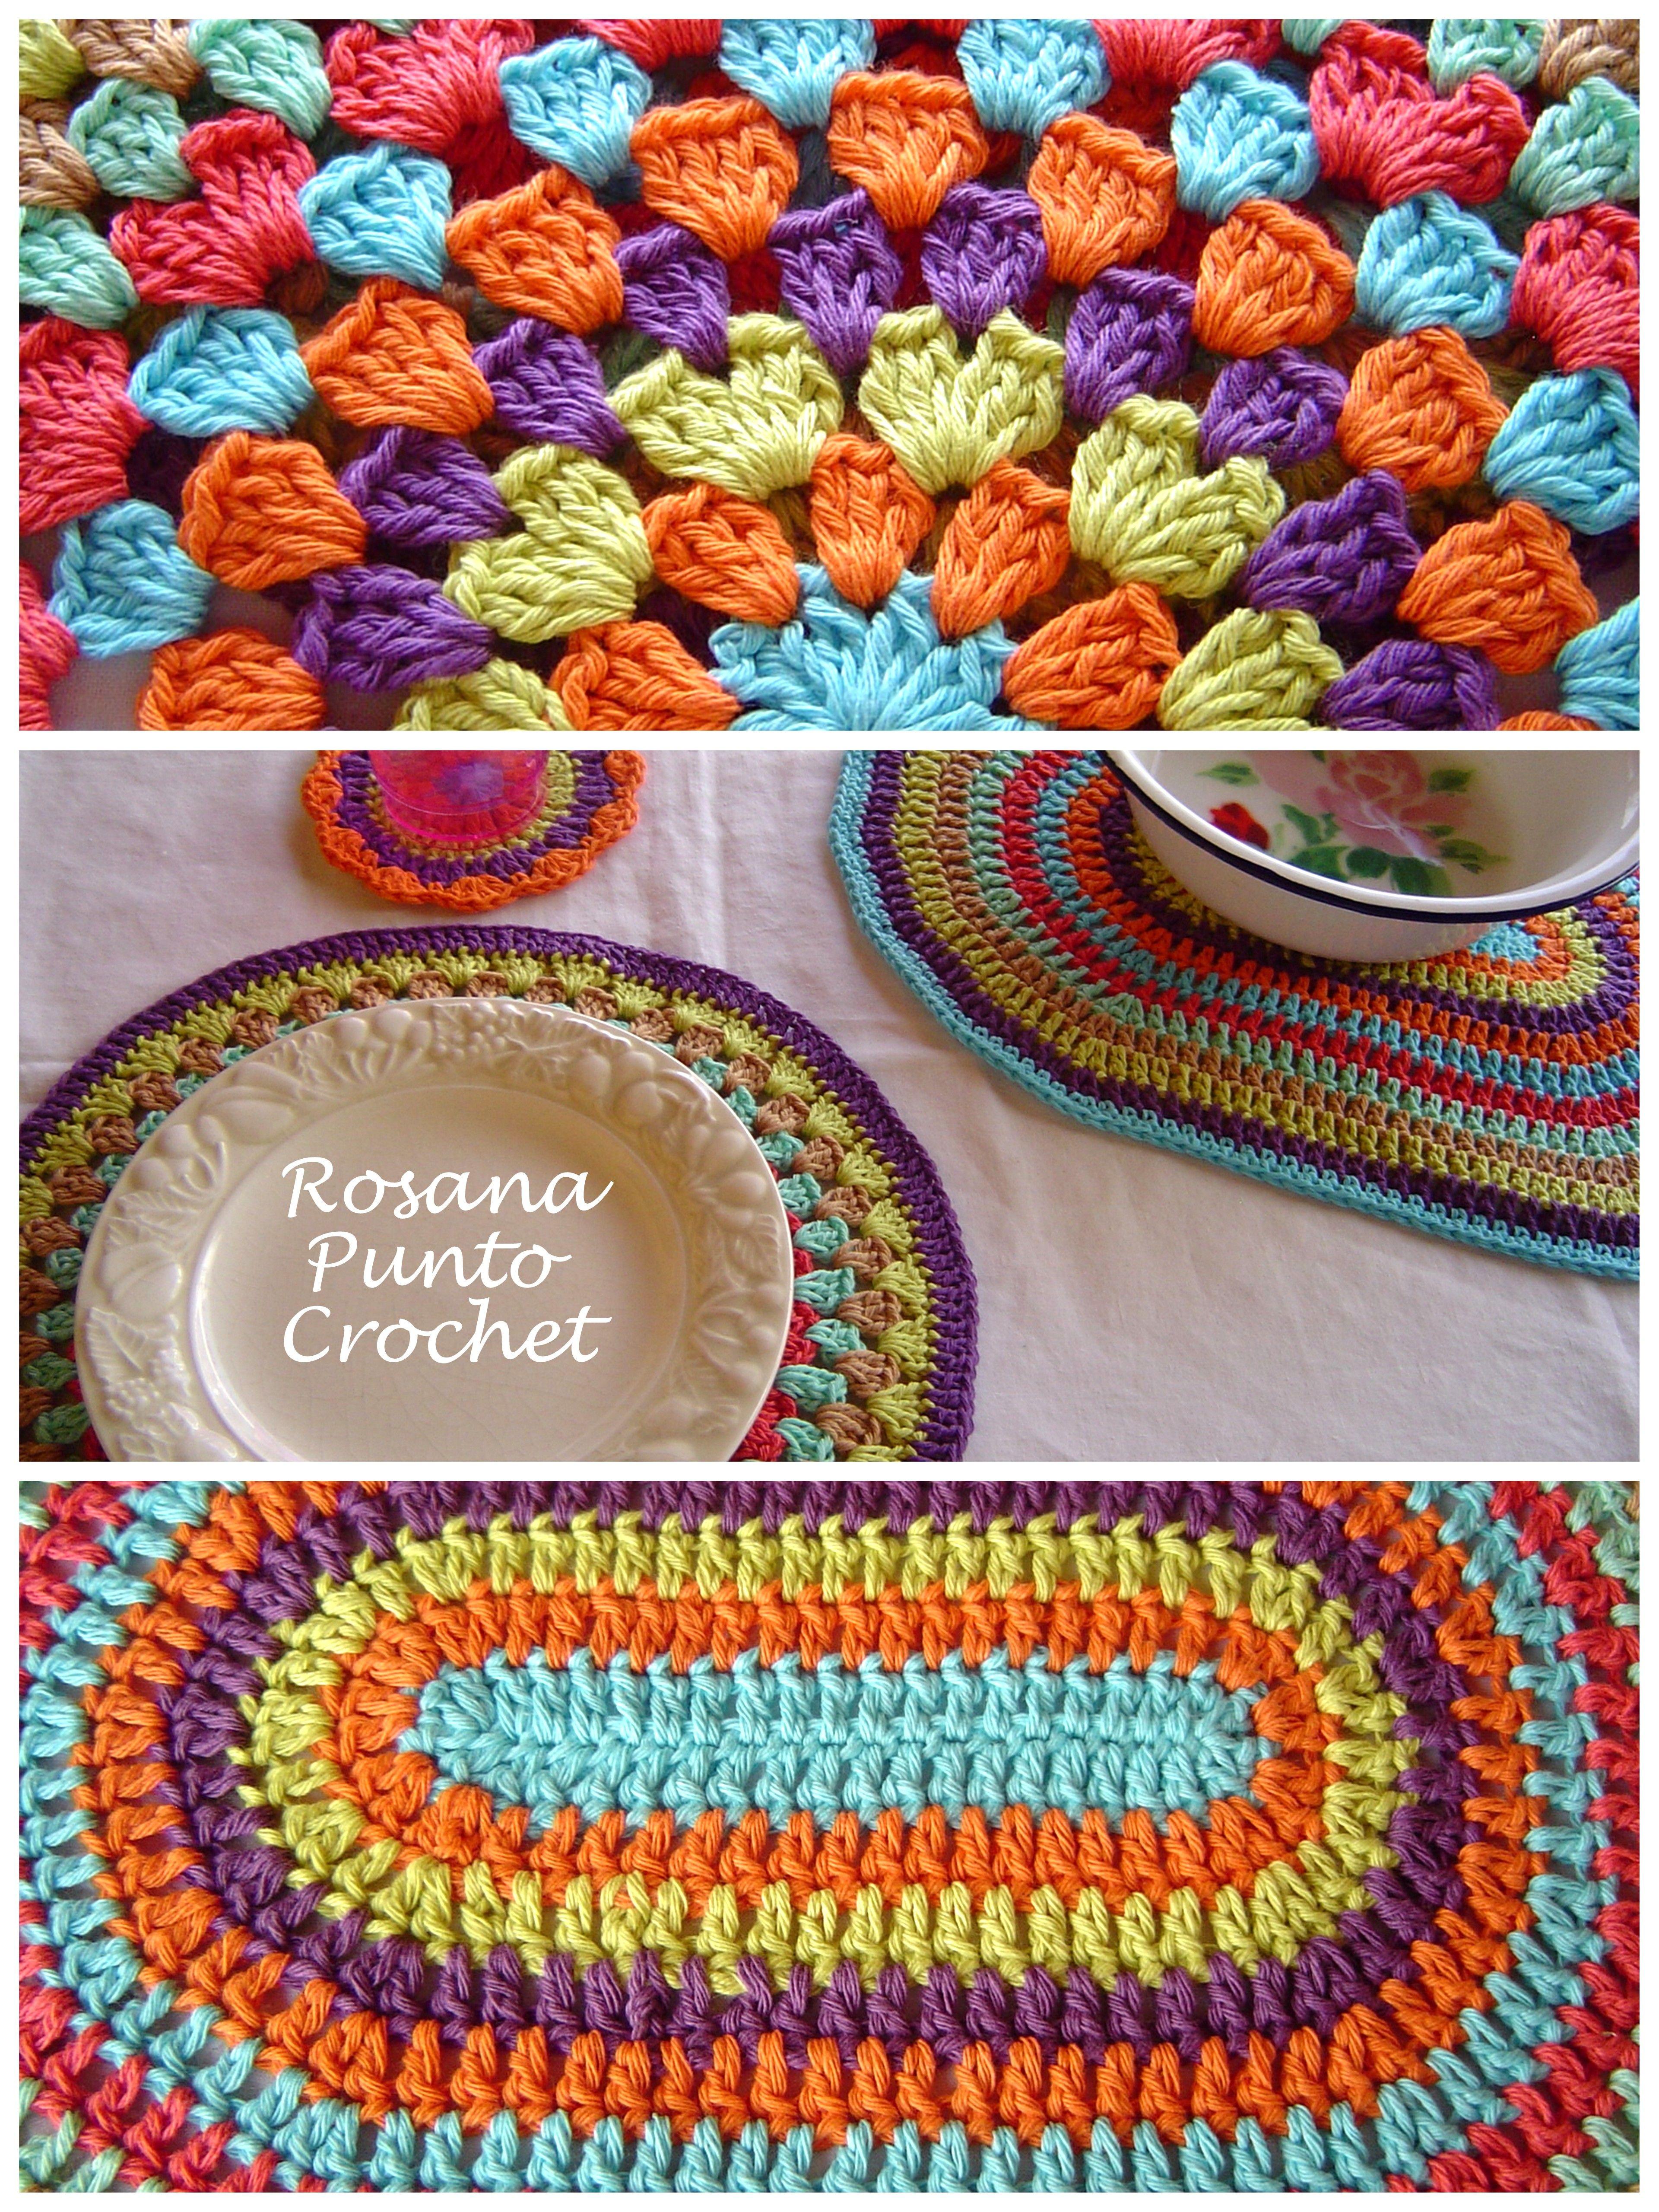 Asombroso Patrón De Crochet Trapo Plato Galería - Manta de Tejer ...